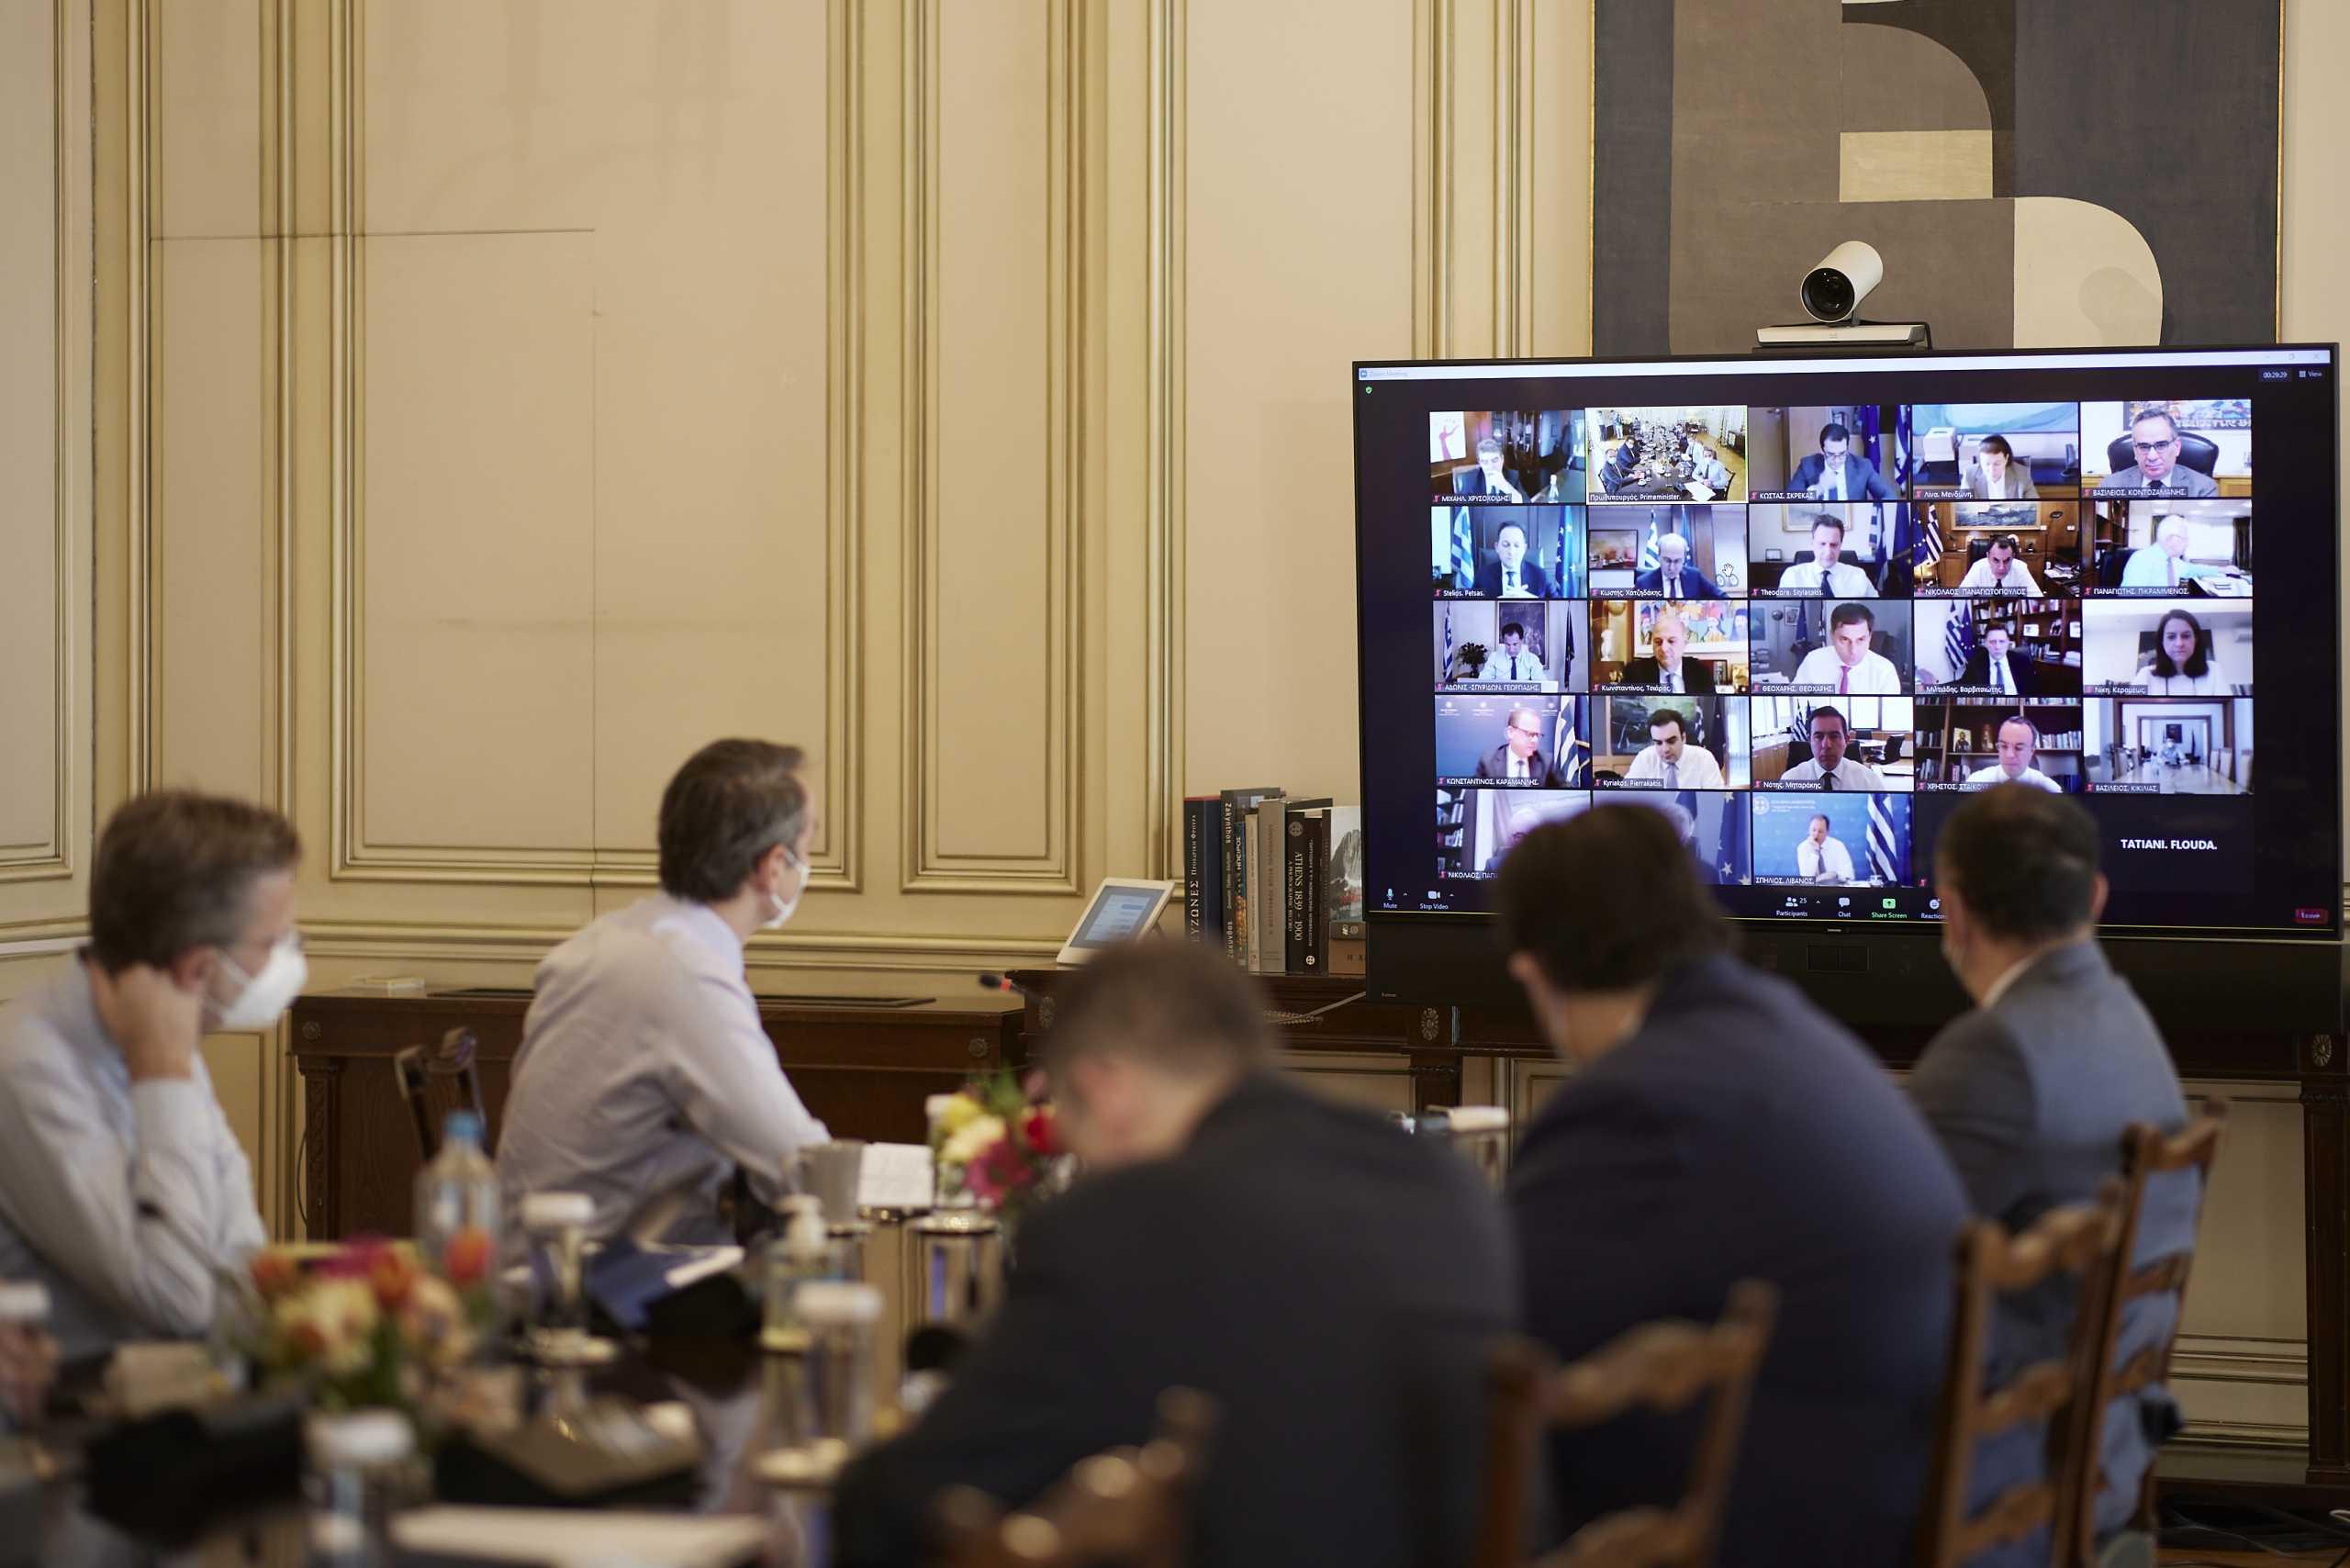 Συνεδριάζει την Δευτέρα το Υπουργικό Συμβούλιο – Στο επίκεντρο το Εθνικό Σχέδιο Ανάκαμψης